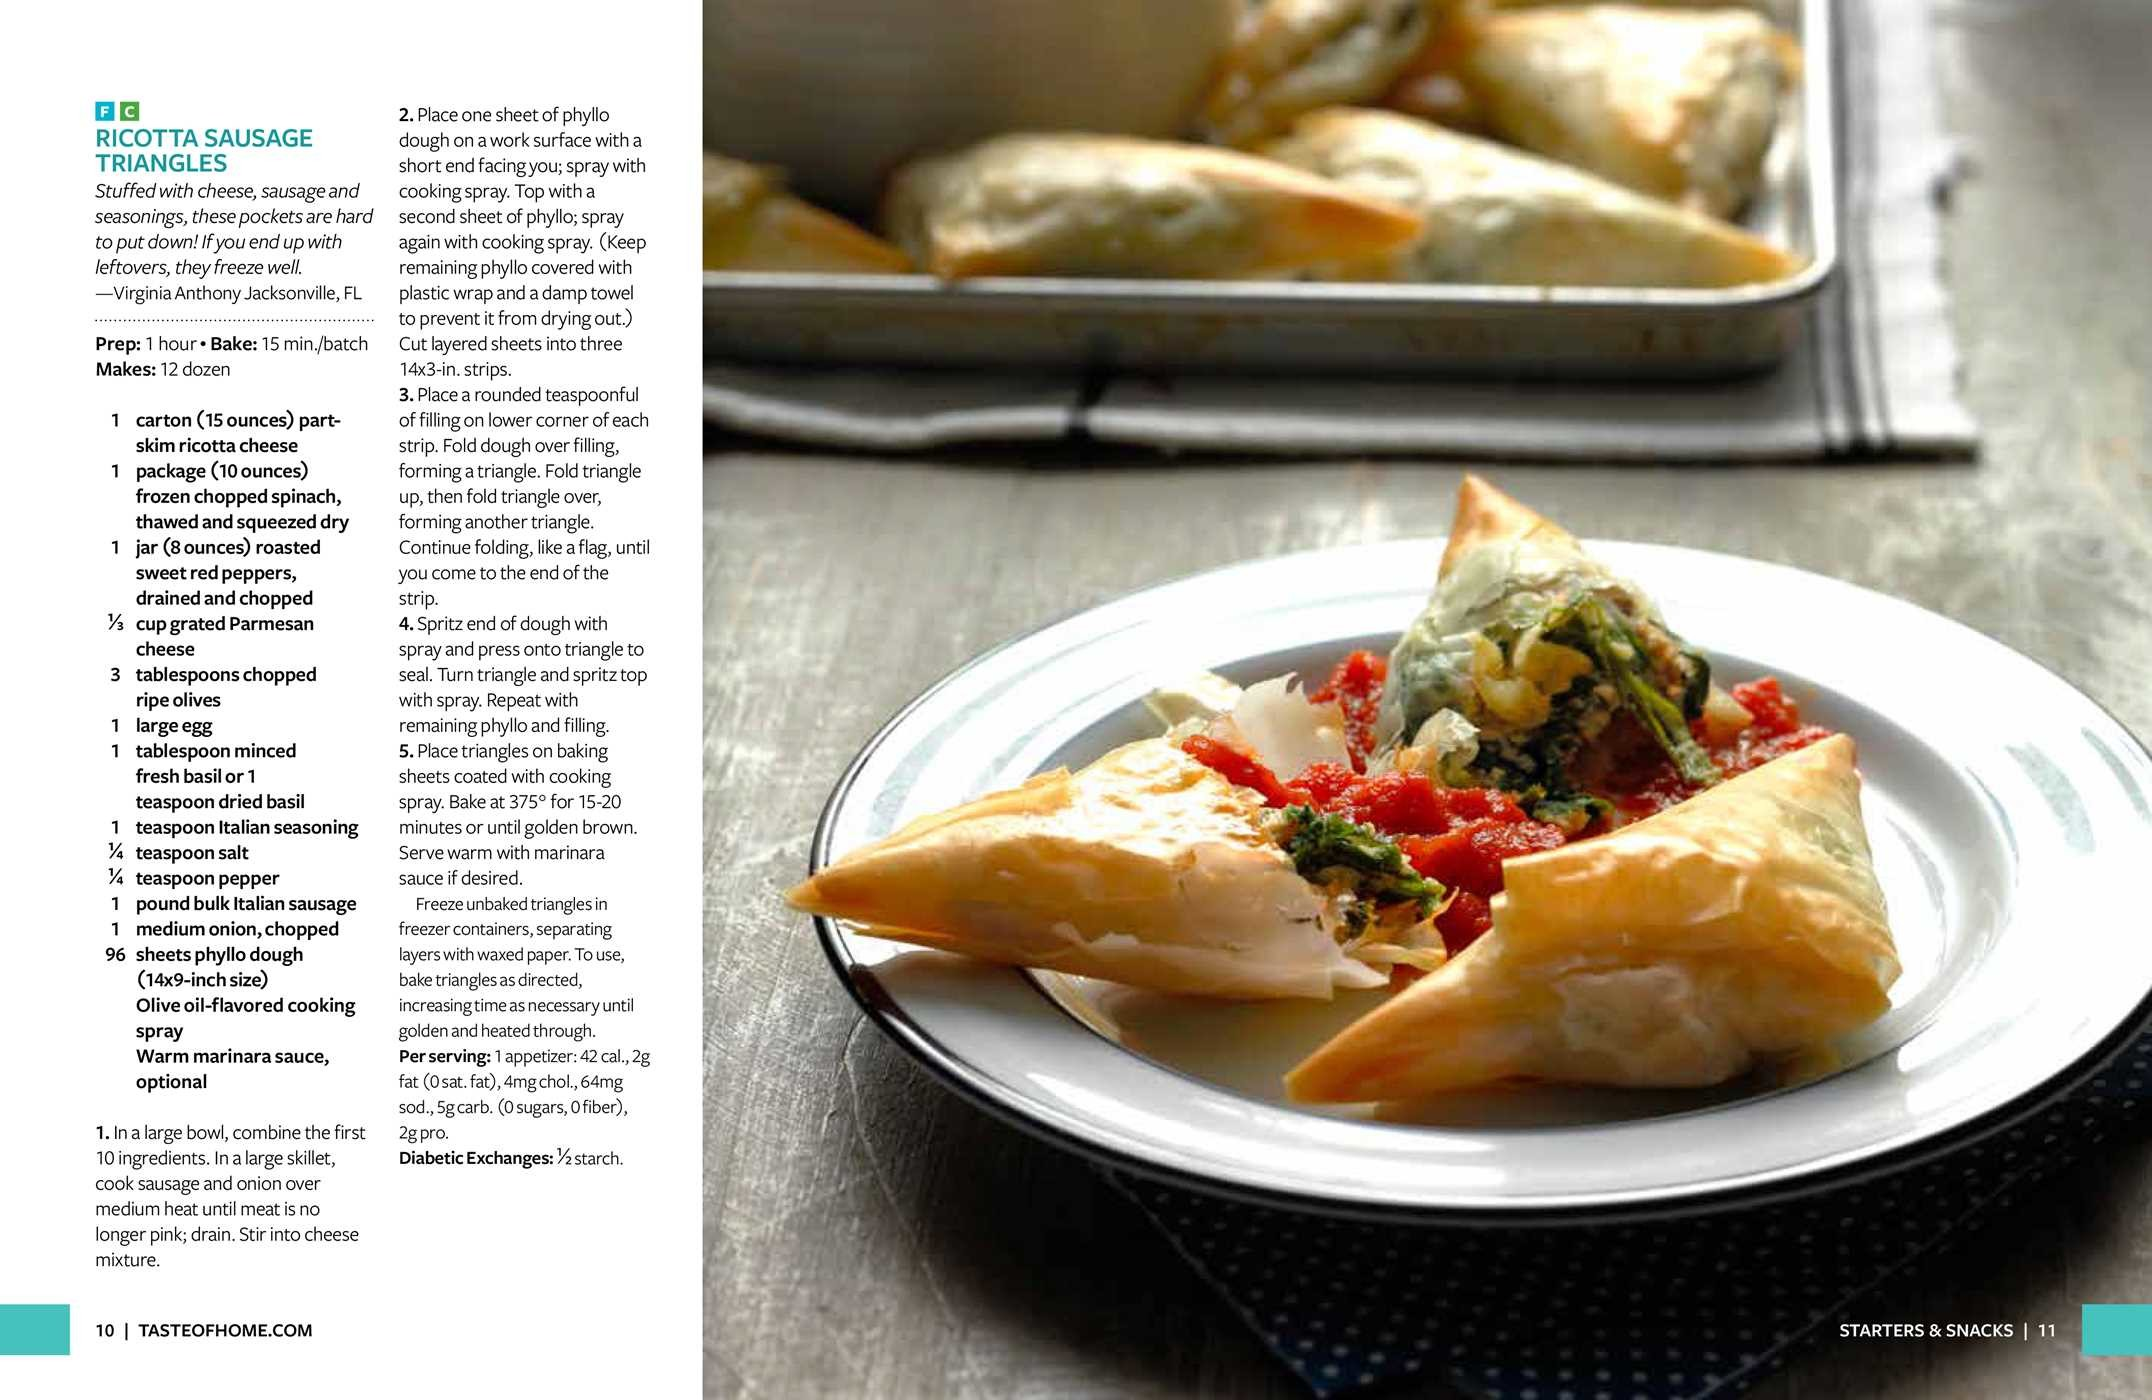 Taste of home simply healthy cookbook 9781617657191.in04